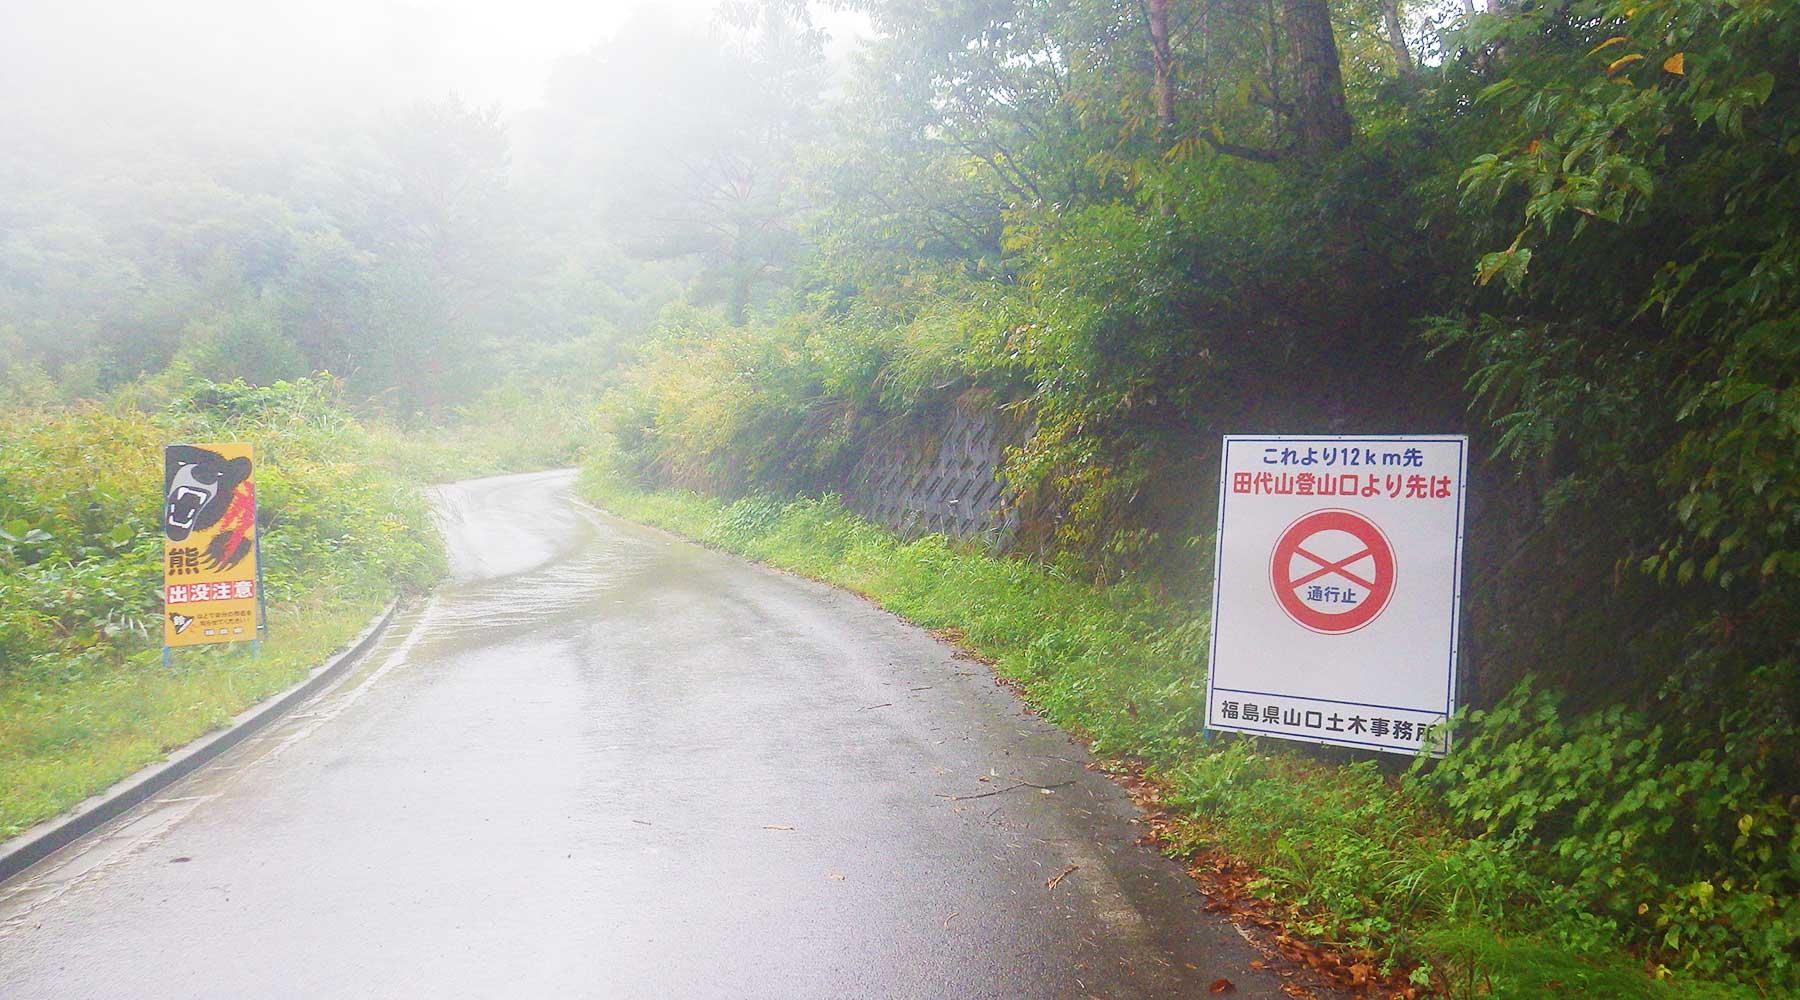 田代山猿倉登山口への林道、ダートになる手前